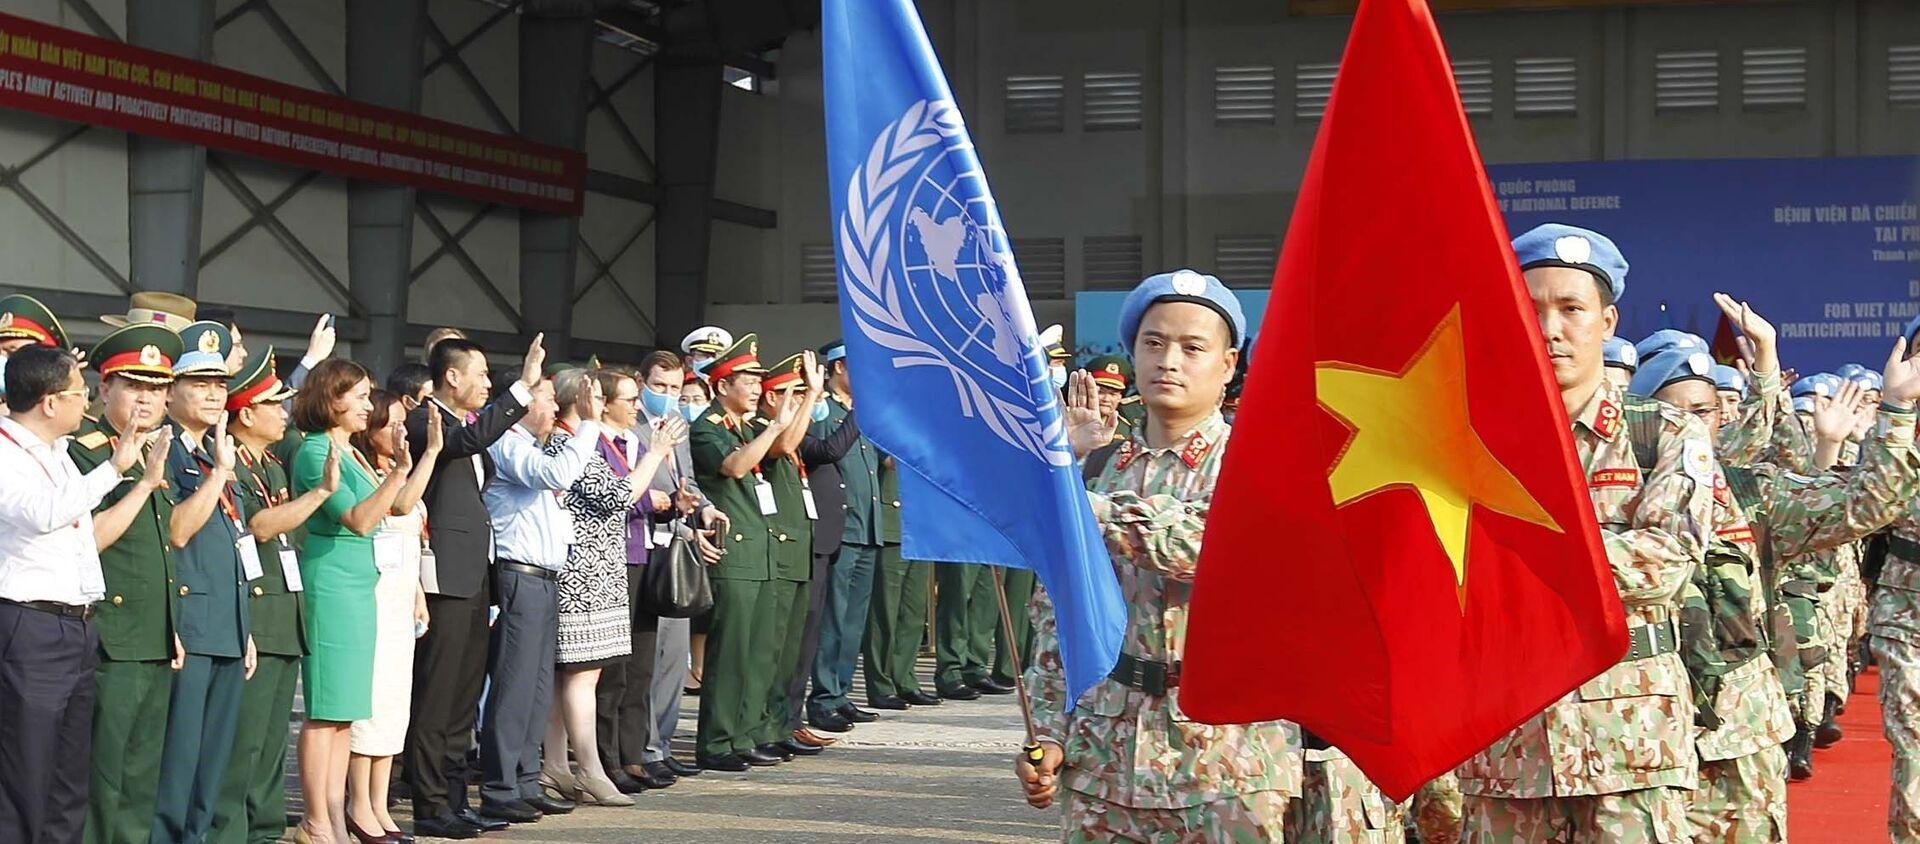 Nghi lễ xuất quân Bệnh viện dã chiến cấp 2 số 3 lên đường làm nhiệm vụ tại Bentiu, Nam Sudan. - Sputnik Việt Nam, 1920, 22.04.2021